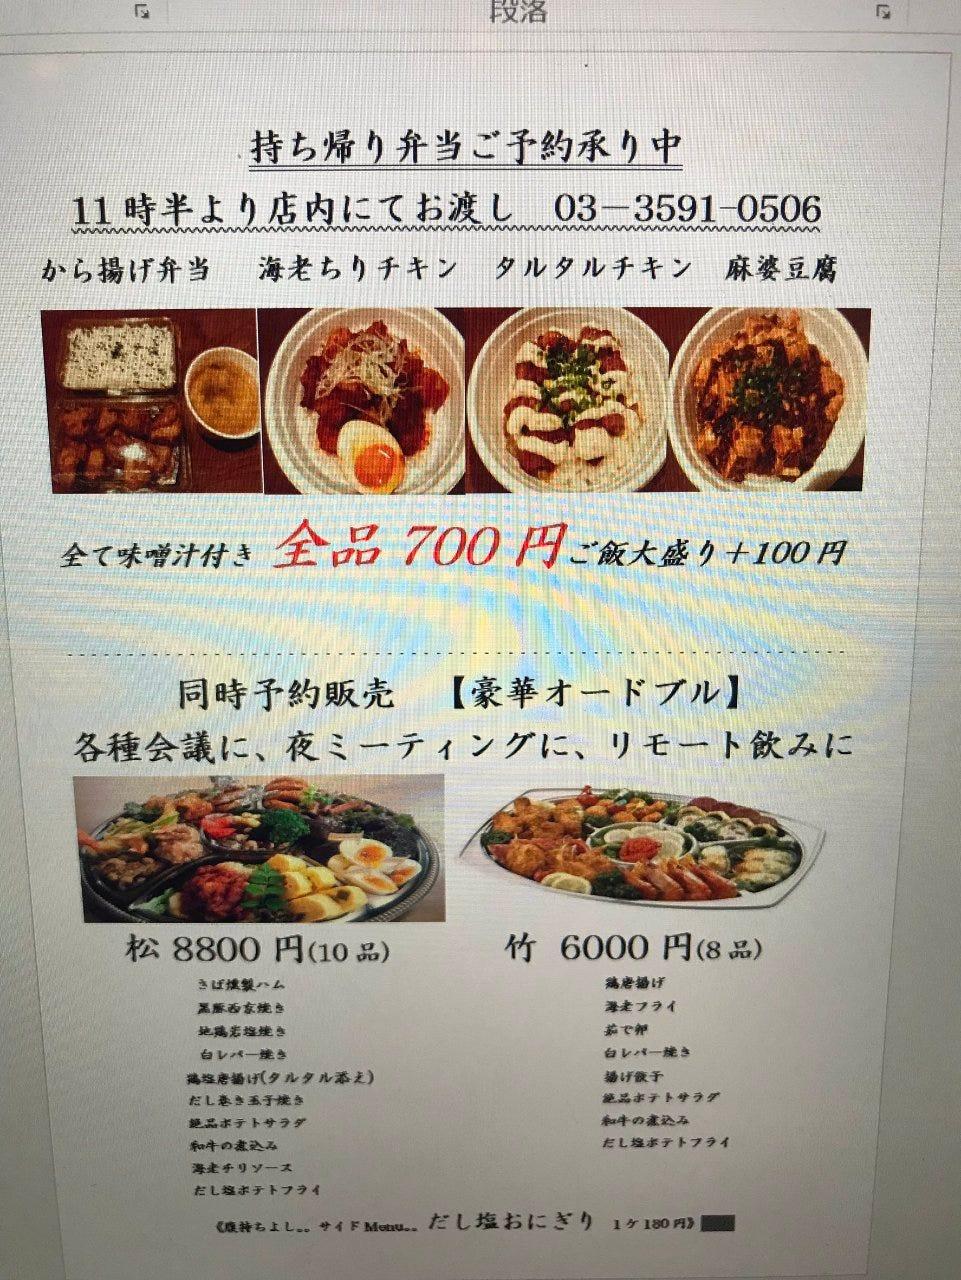 人気のメニュー唐揚げ弁当、海老ちりチキン丼などテイクアウト!